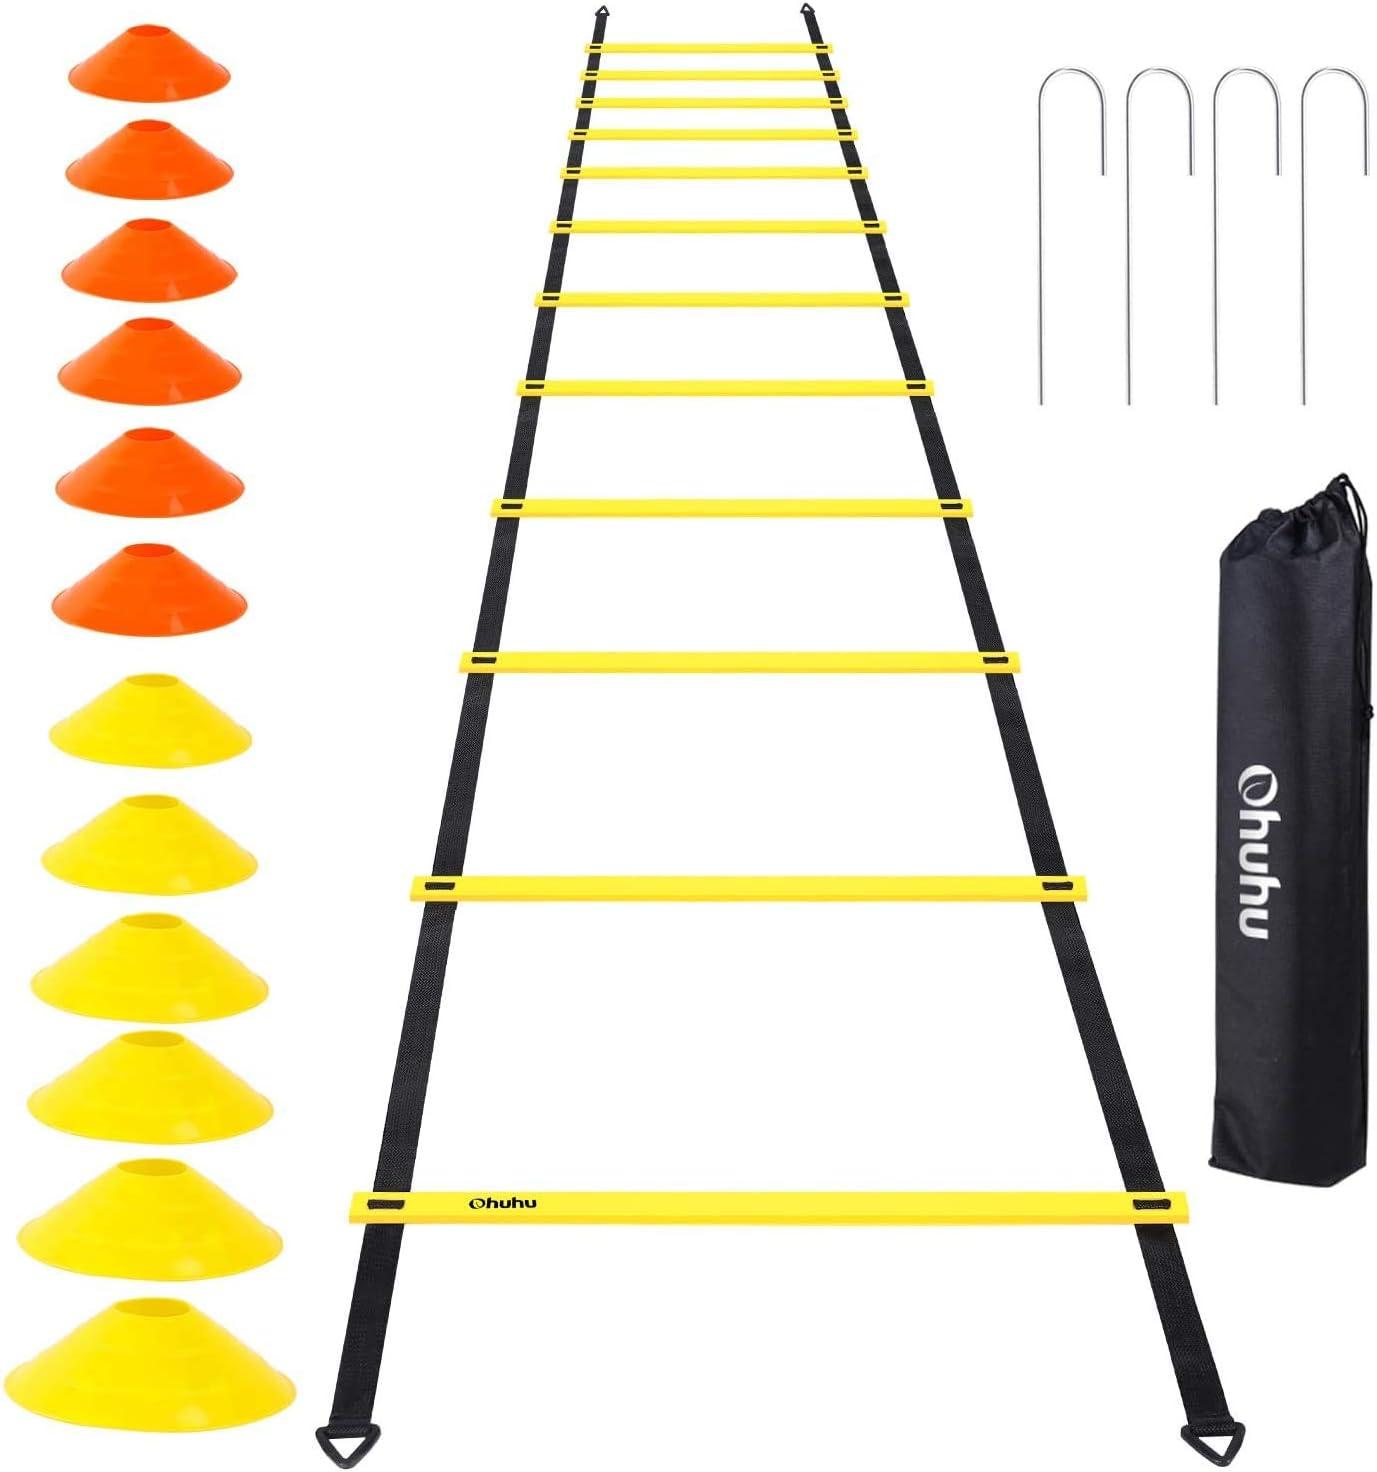 Ohuhu Juego de Entrenamiento Escalera de 12 peldaños con 12 Conos de Campo y 4 Clavos. Ideal para Juego de pies para Ejercicios de fútbol: Amazon.es: Deportes y aire libre